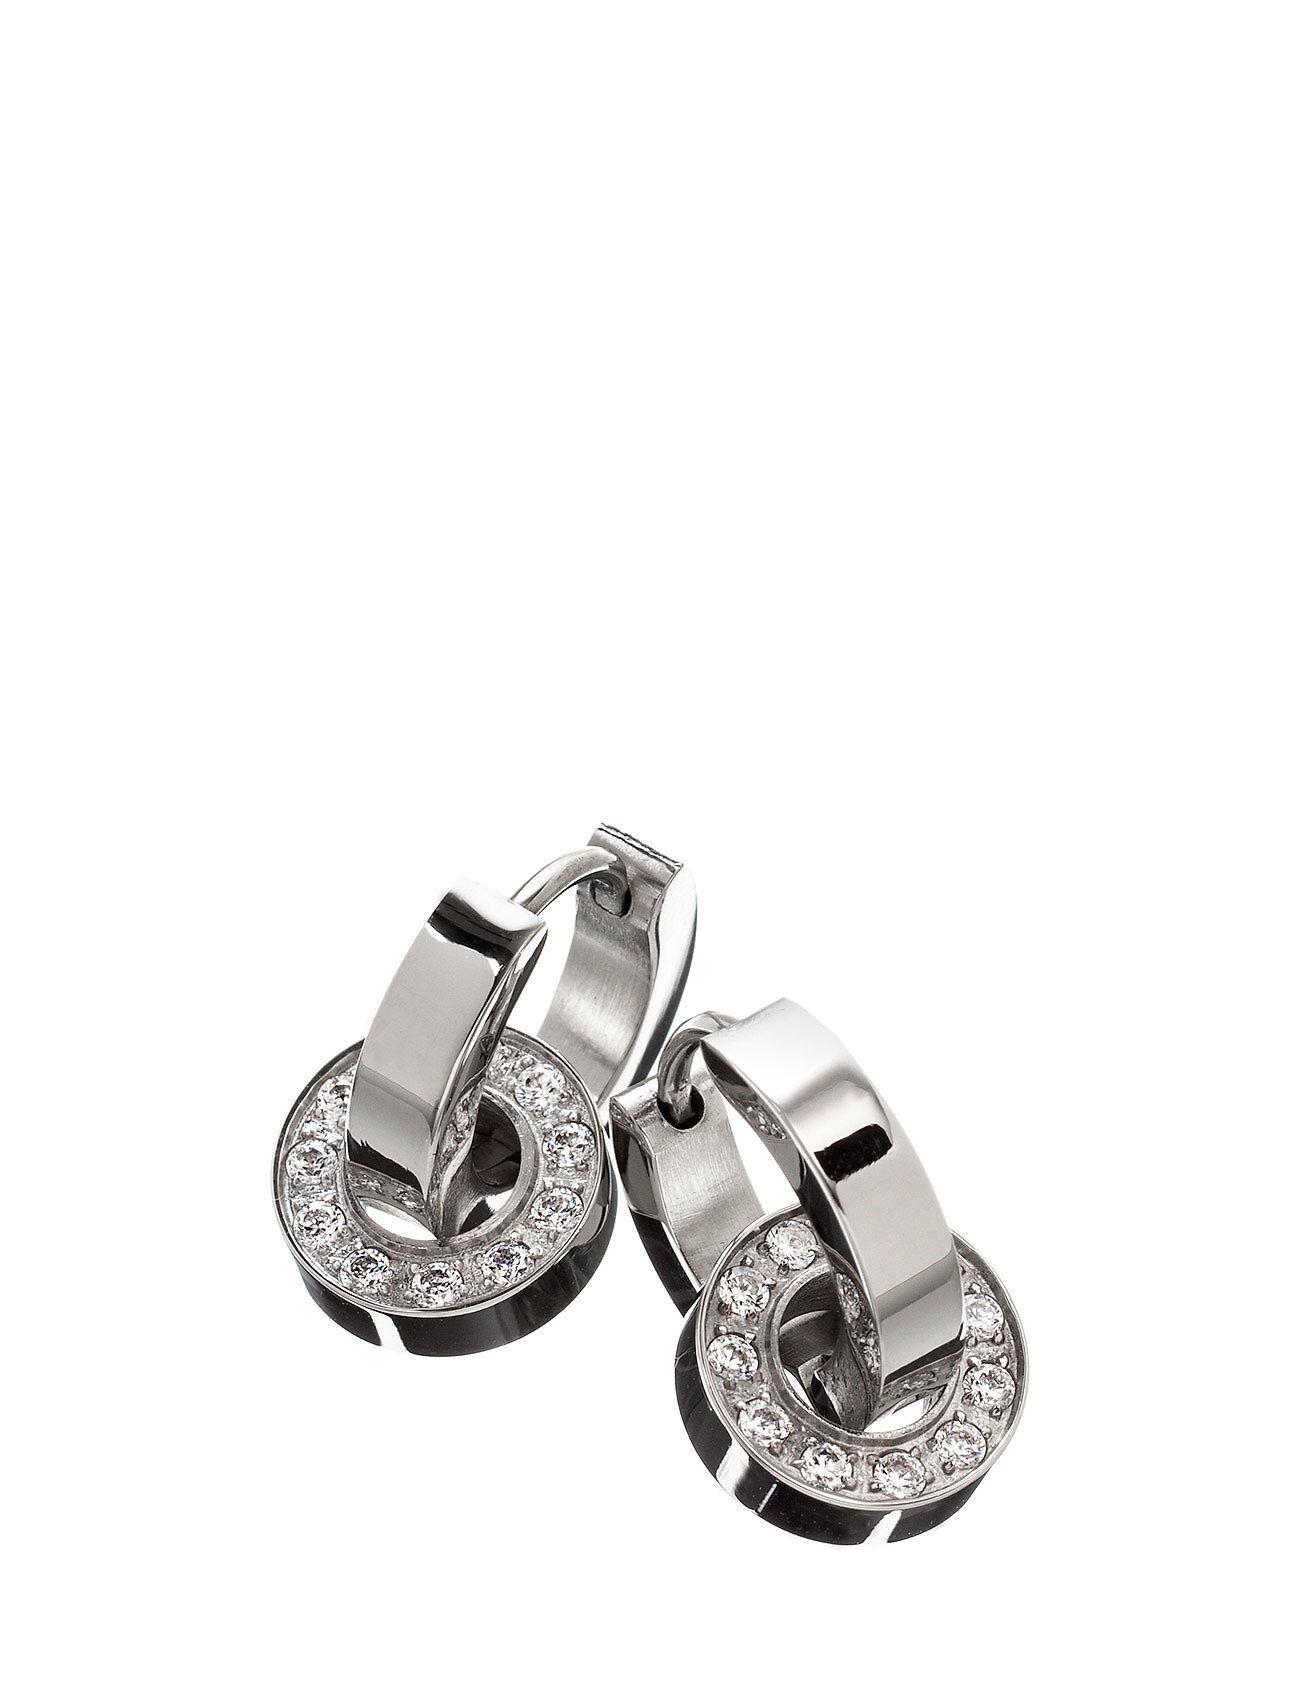 Edblad Eternity Orbit Earrings Accessories Jewellery Earrings Studs Hopea Edblad